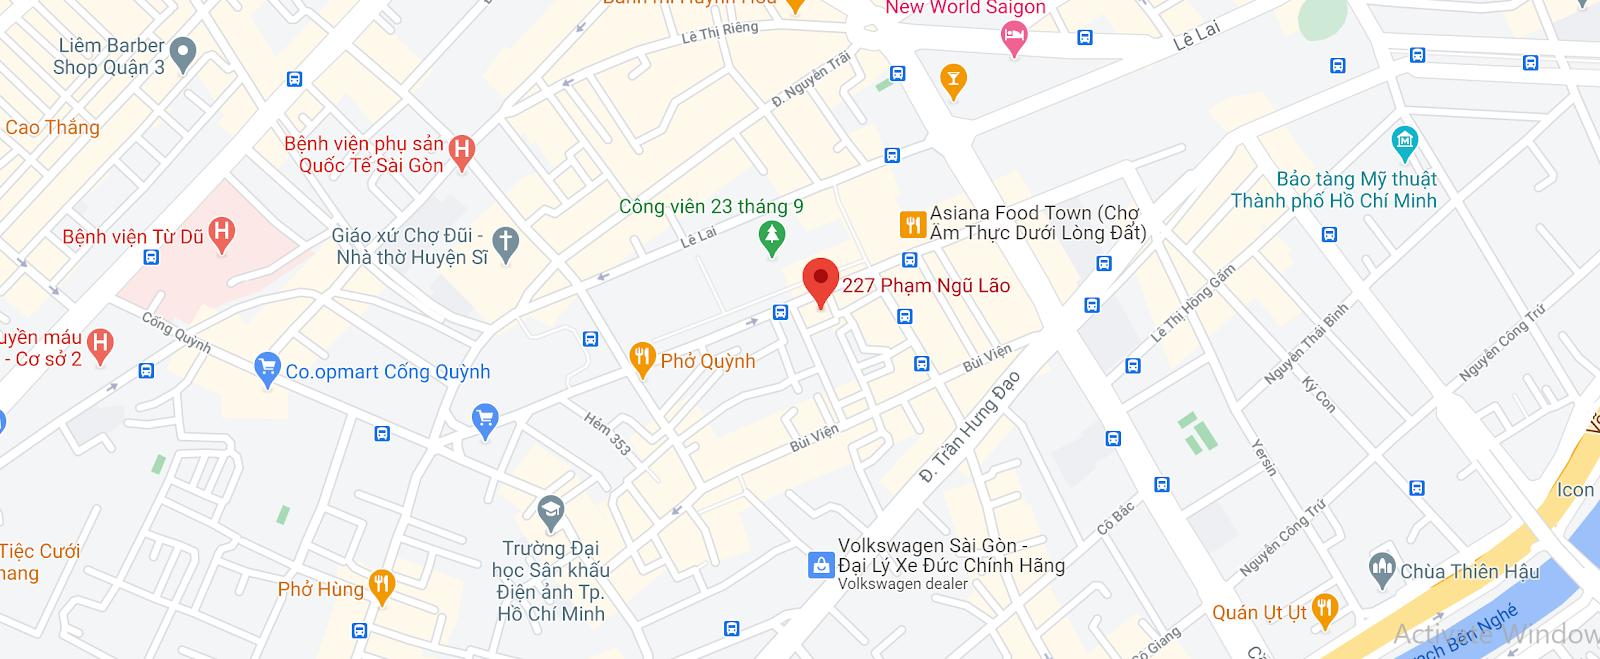 Địa chỉ Văn phòng nhà xe Trà Lan Viên tại Sài Gòn